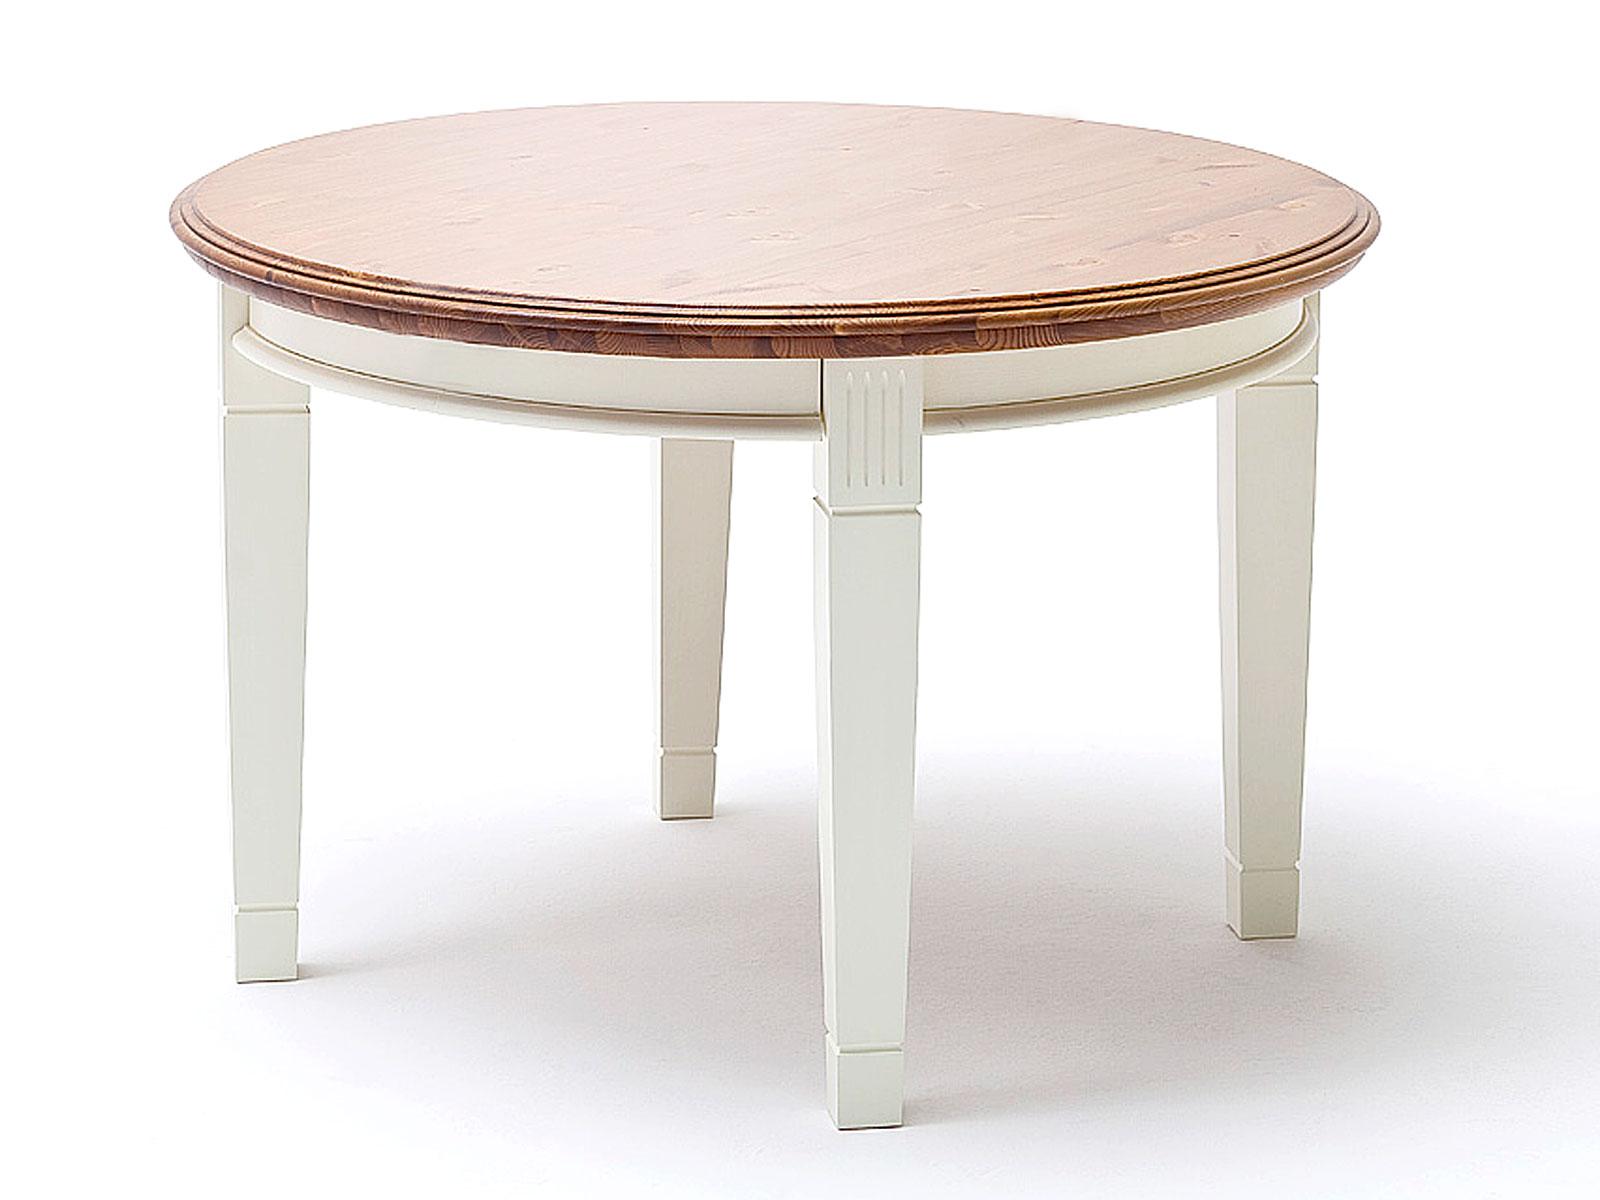 Esstisch Kuchen Tisch Novara Rund O 120 Cm Pinie Nordica Weiss Wildeiche Massiv Casamia Wohnen